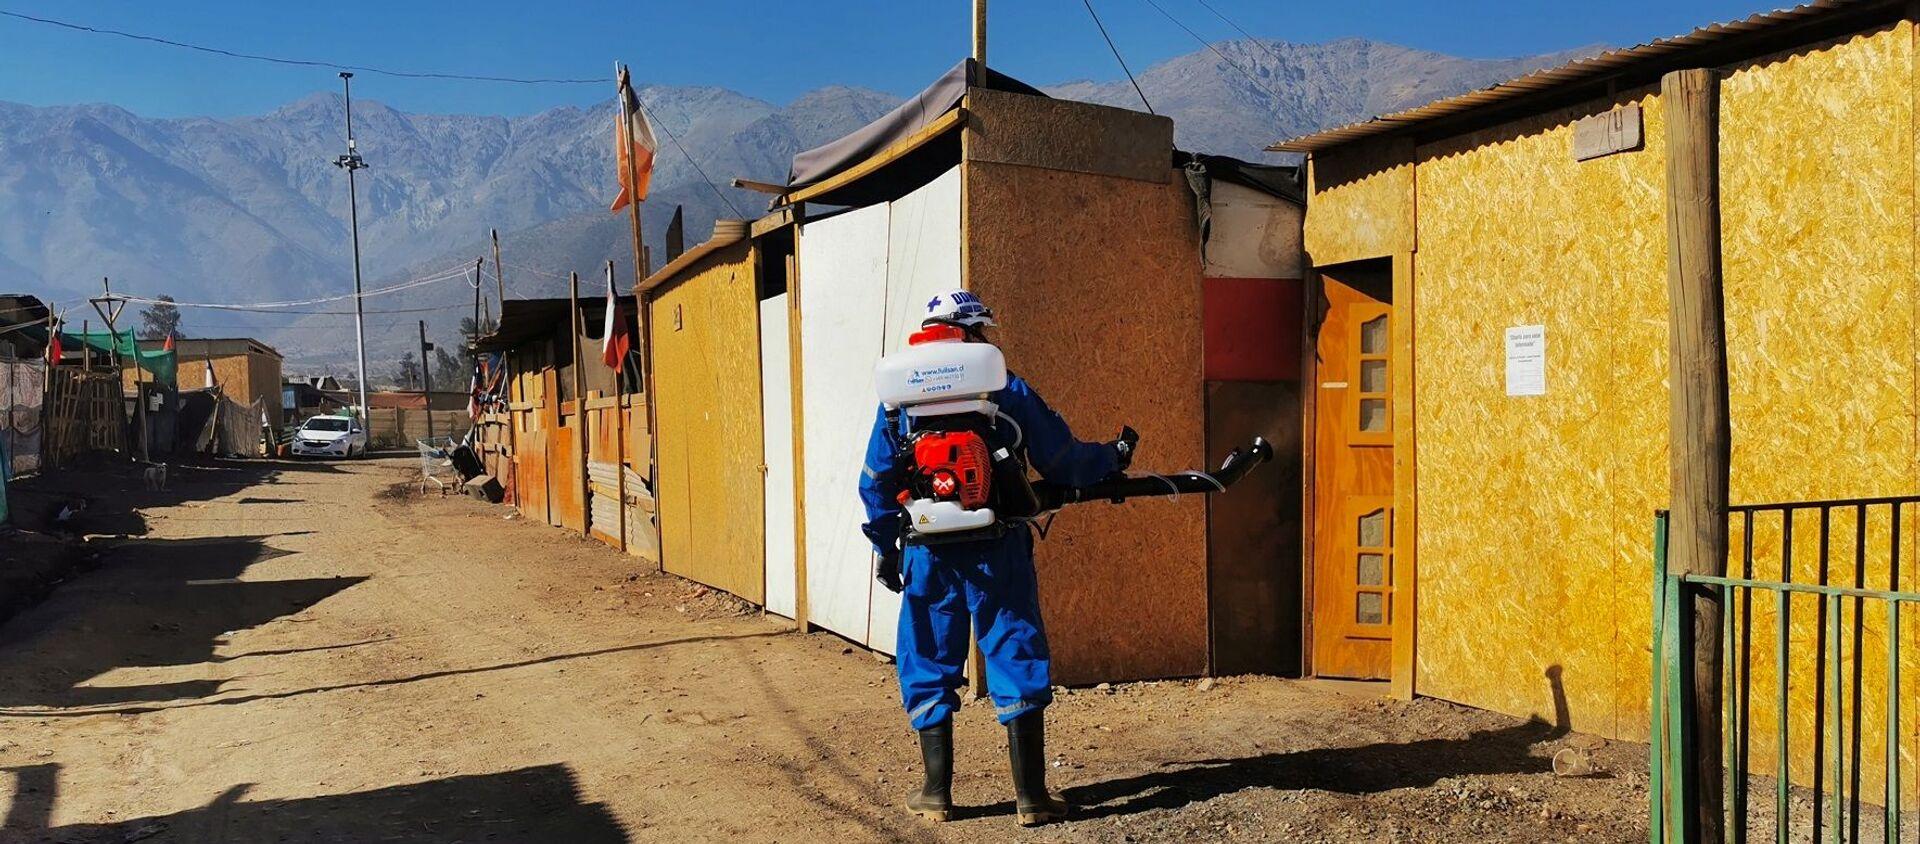 Empresa Fullsan realizando tareas de desinfección en Chile - Sputnik Mundo, 1920, 03.06.2020